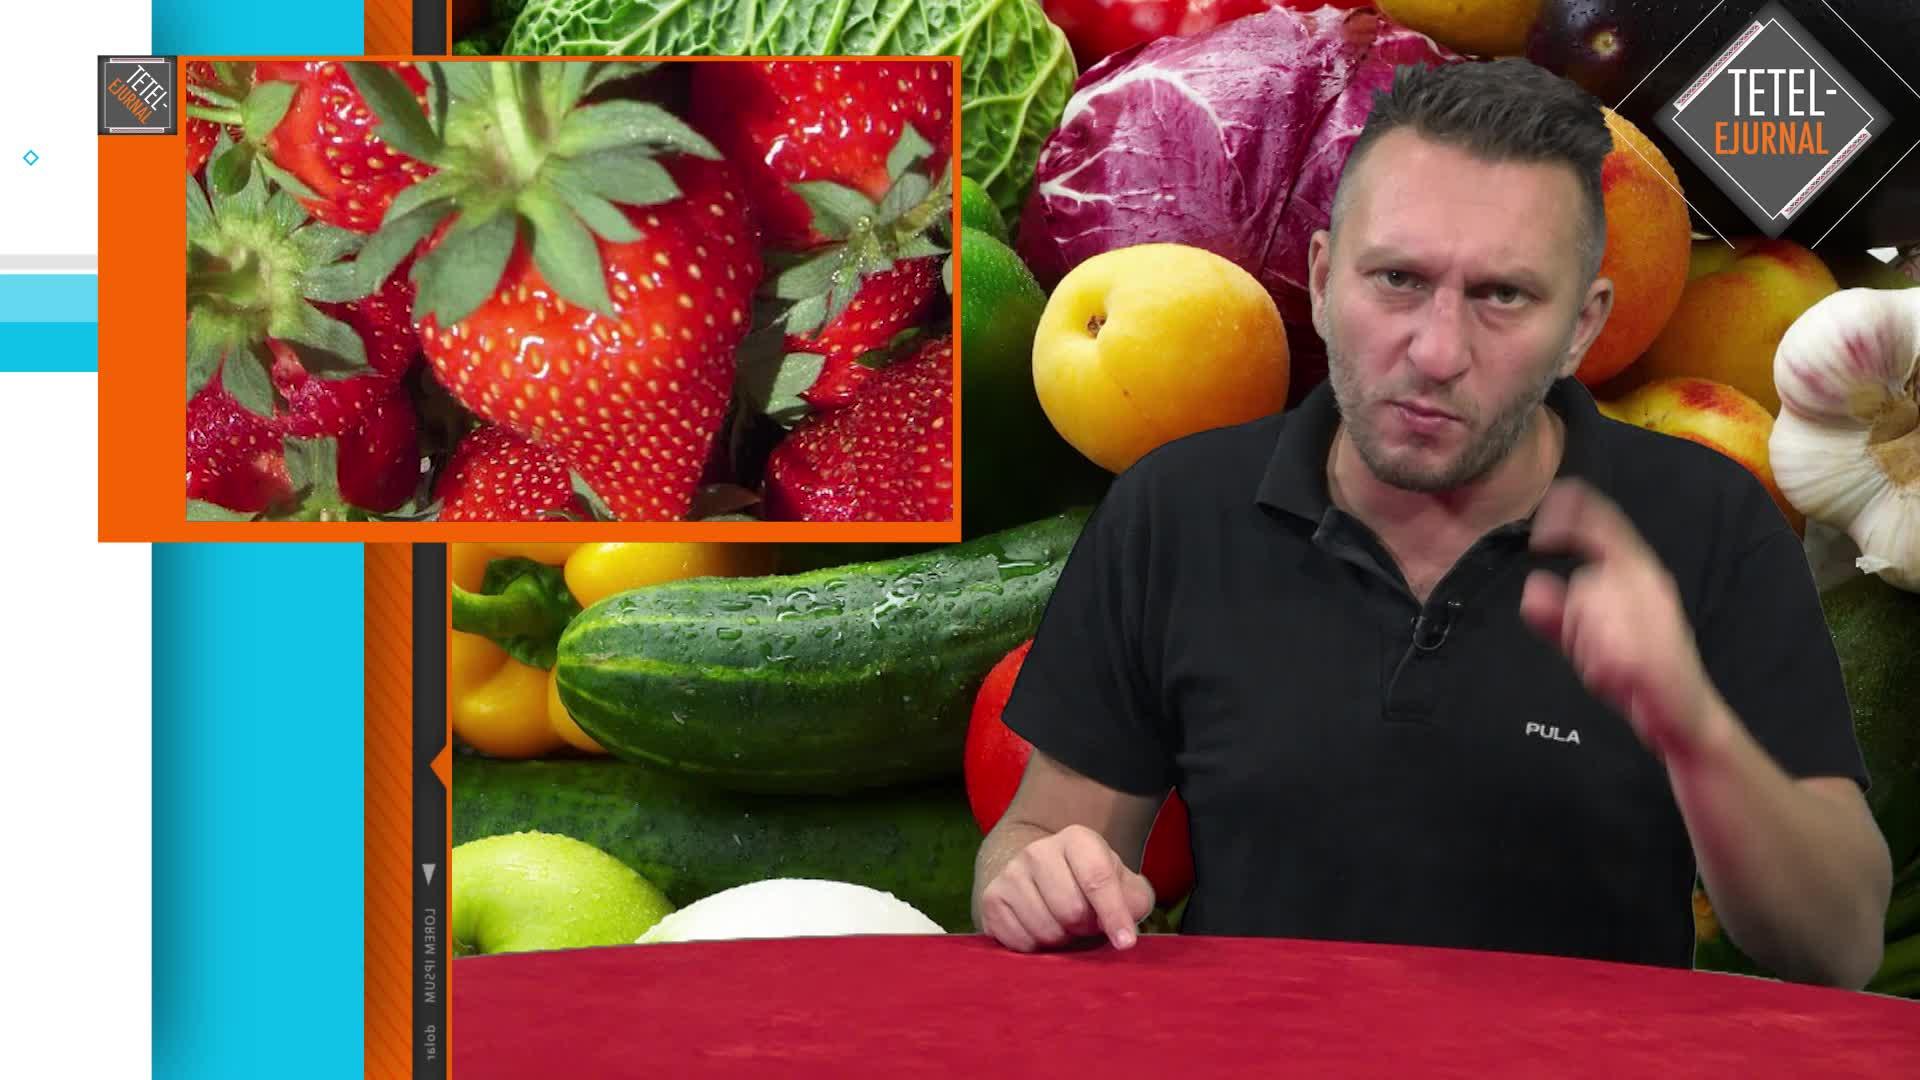 Tetelu, despre frcute şi legume